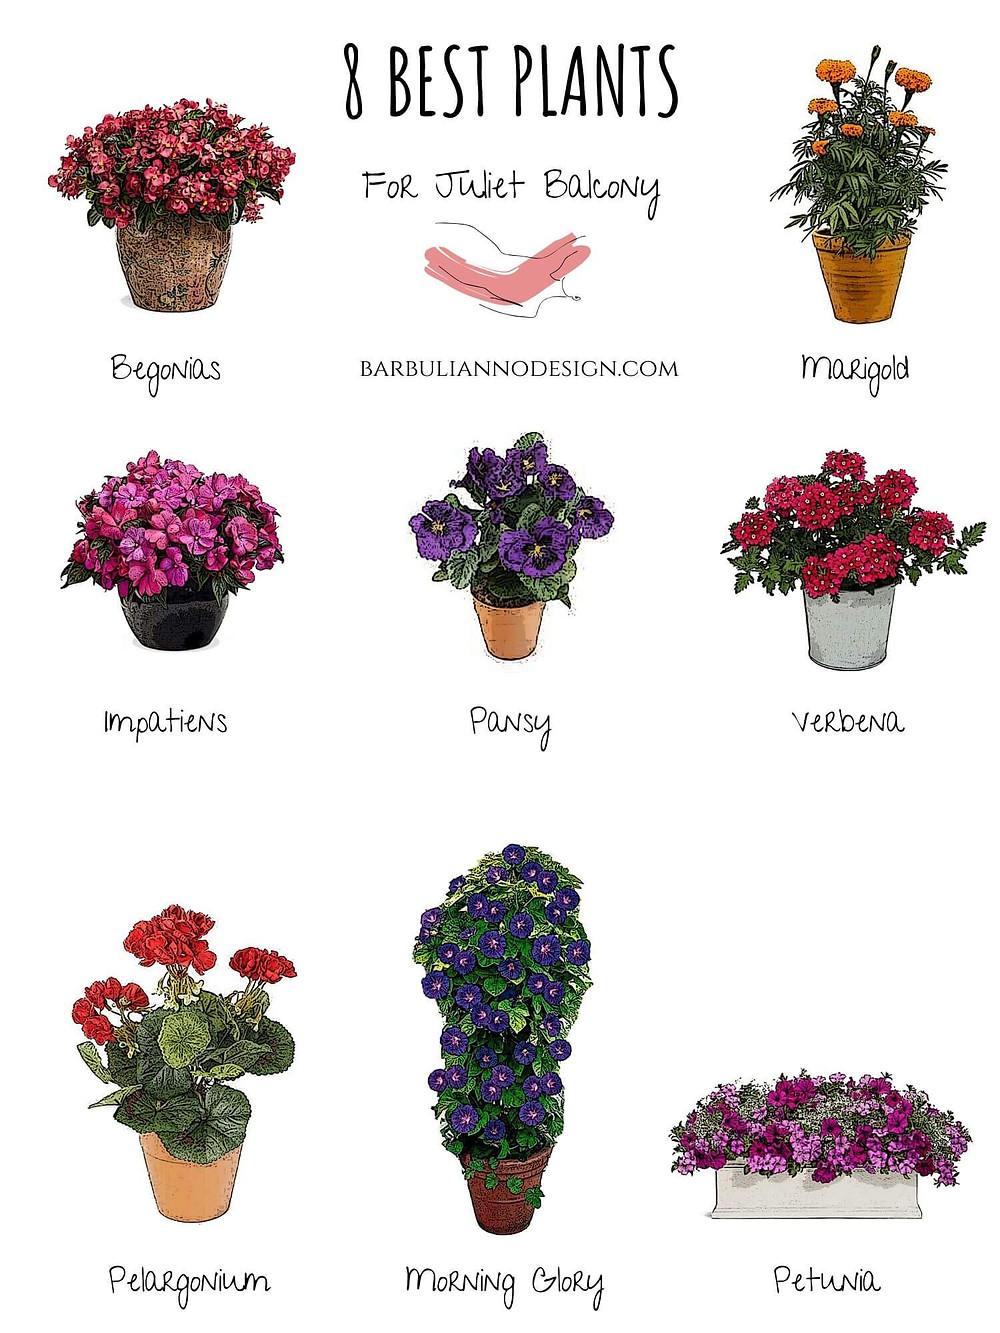 The best plants for Juliette balcony